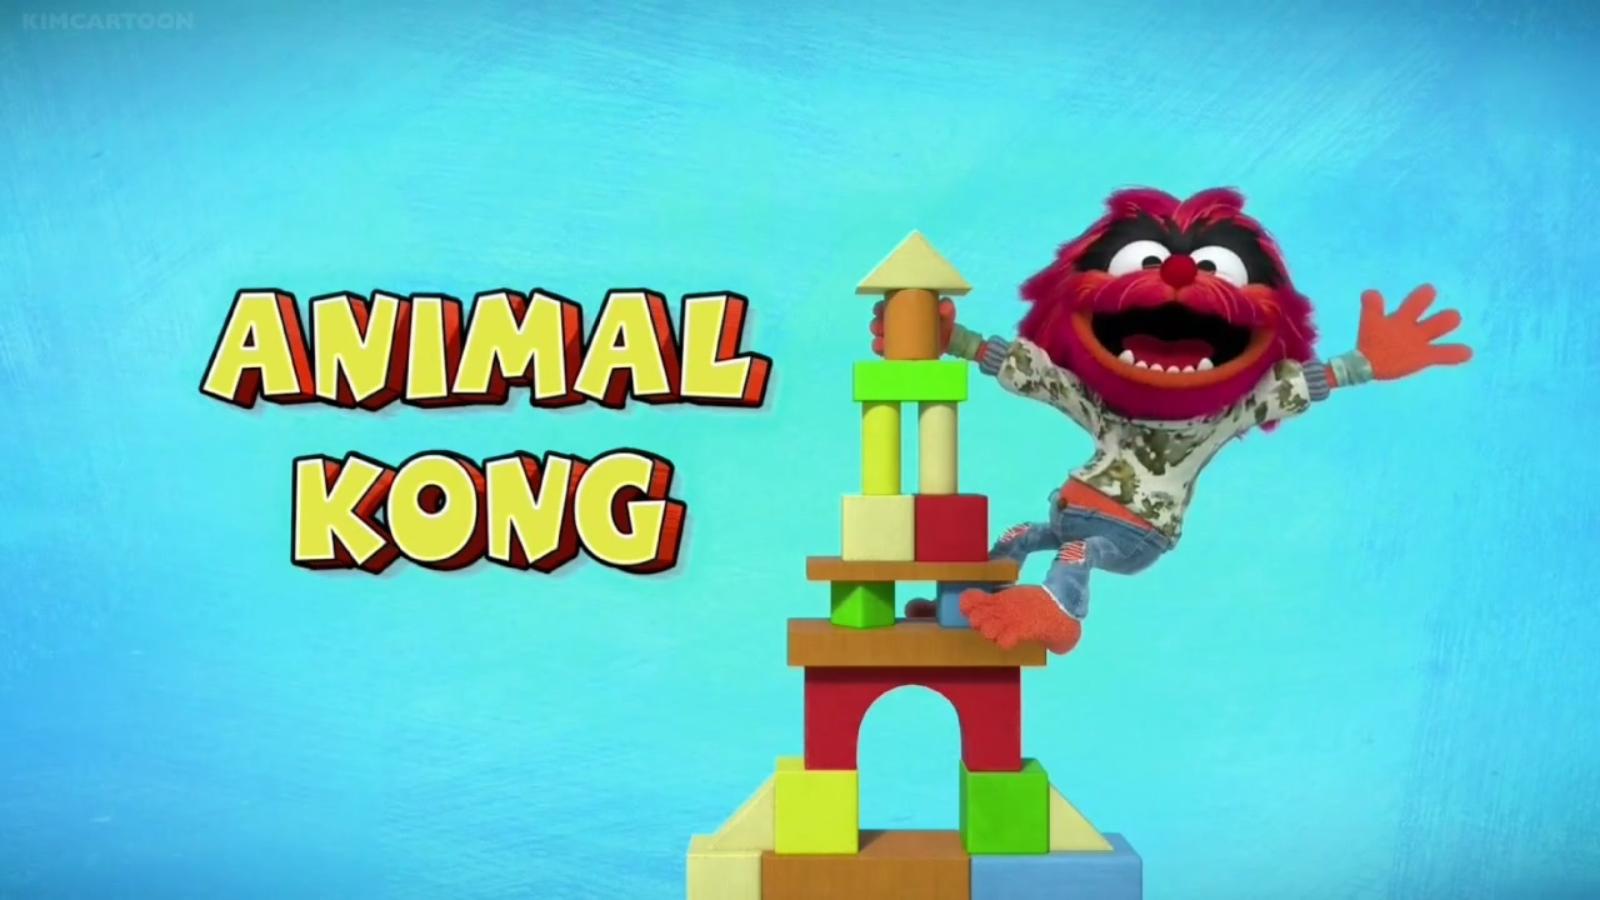 Animal Kong   Disney Wiki   FANDOM powered by Wikia